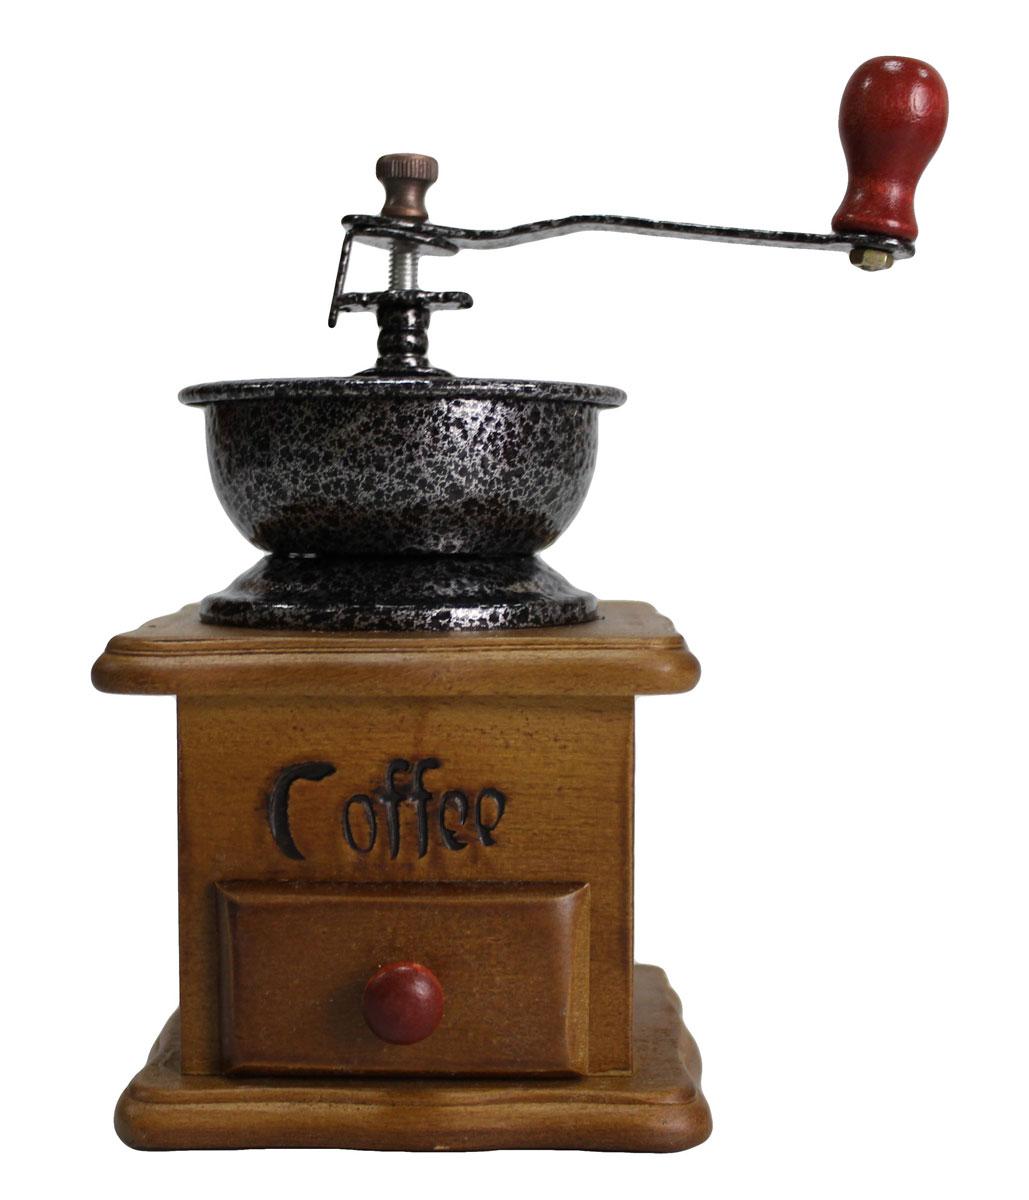 Кофемолка N/N, с деревянным основанием115510Деревянная ручная кофемолка с металлическим механизмом, чугунными жерновами и регулировкой помола. Ручная кофемолка сохраняет кофе более ароматным. Выполнена в элегантном дизайне, прекрасно подойдет в качестве подарка.